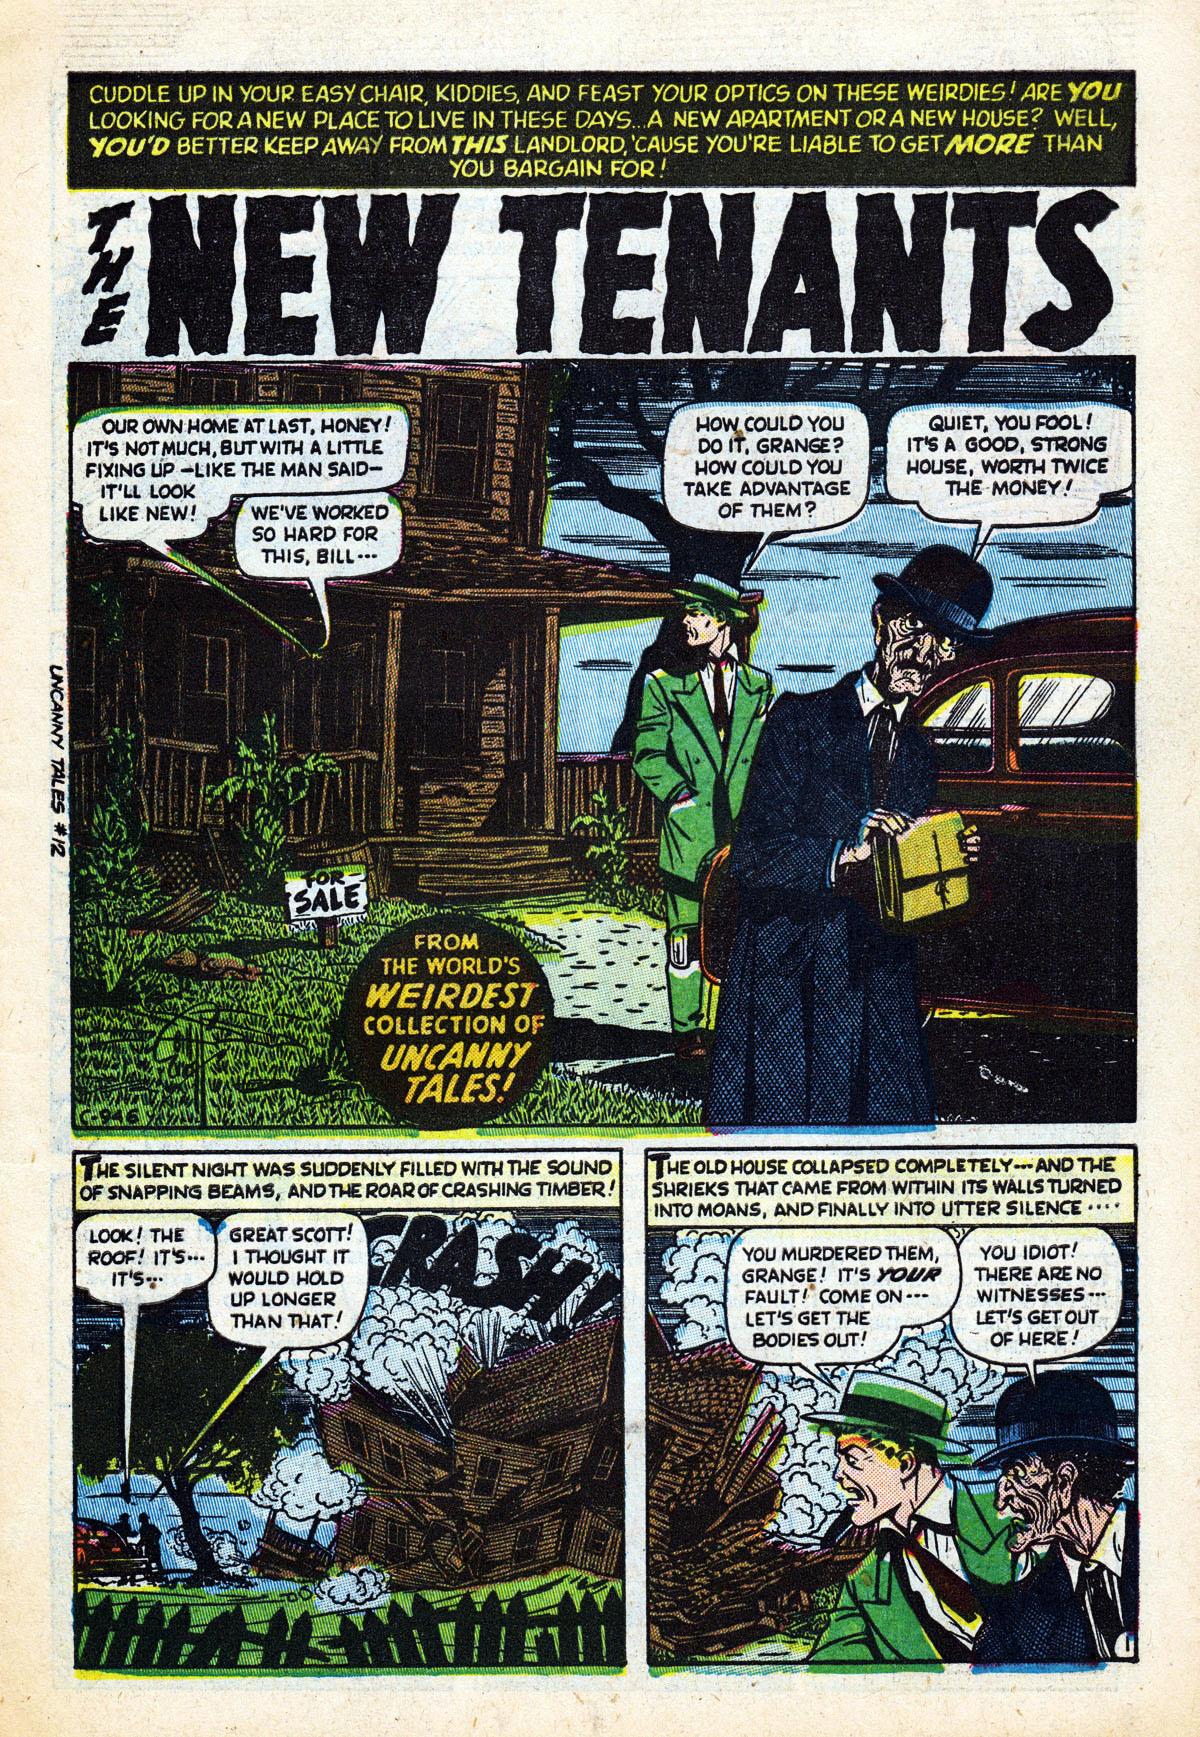 NewTenants1